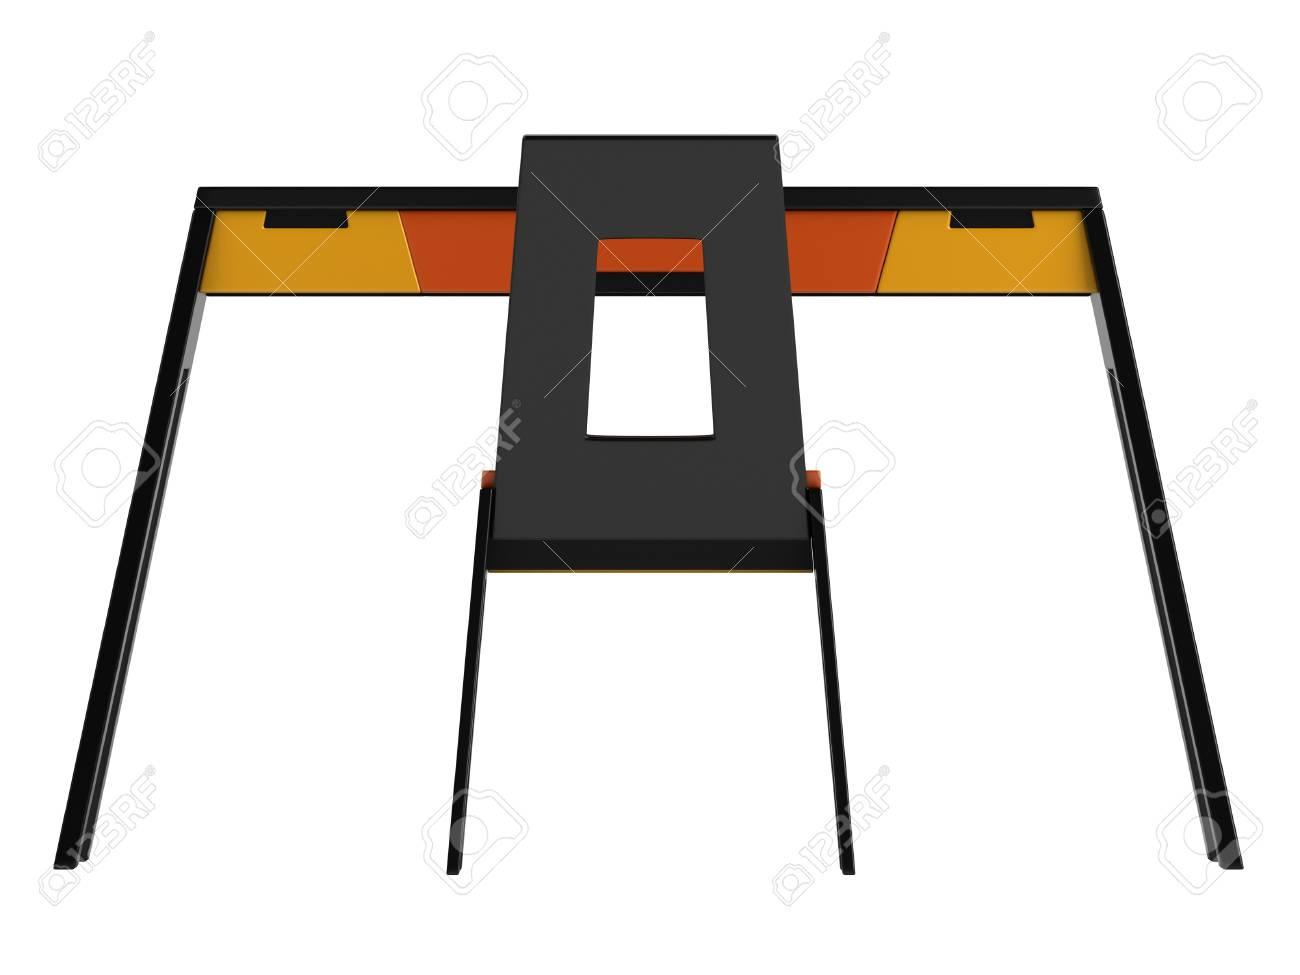 Mesa Silla Blanco En Un Y Decoración Amarillo Aislado Negro Moderno Con Fondo Naranja Juego 4ARLjq53